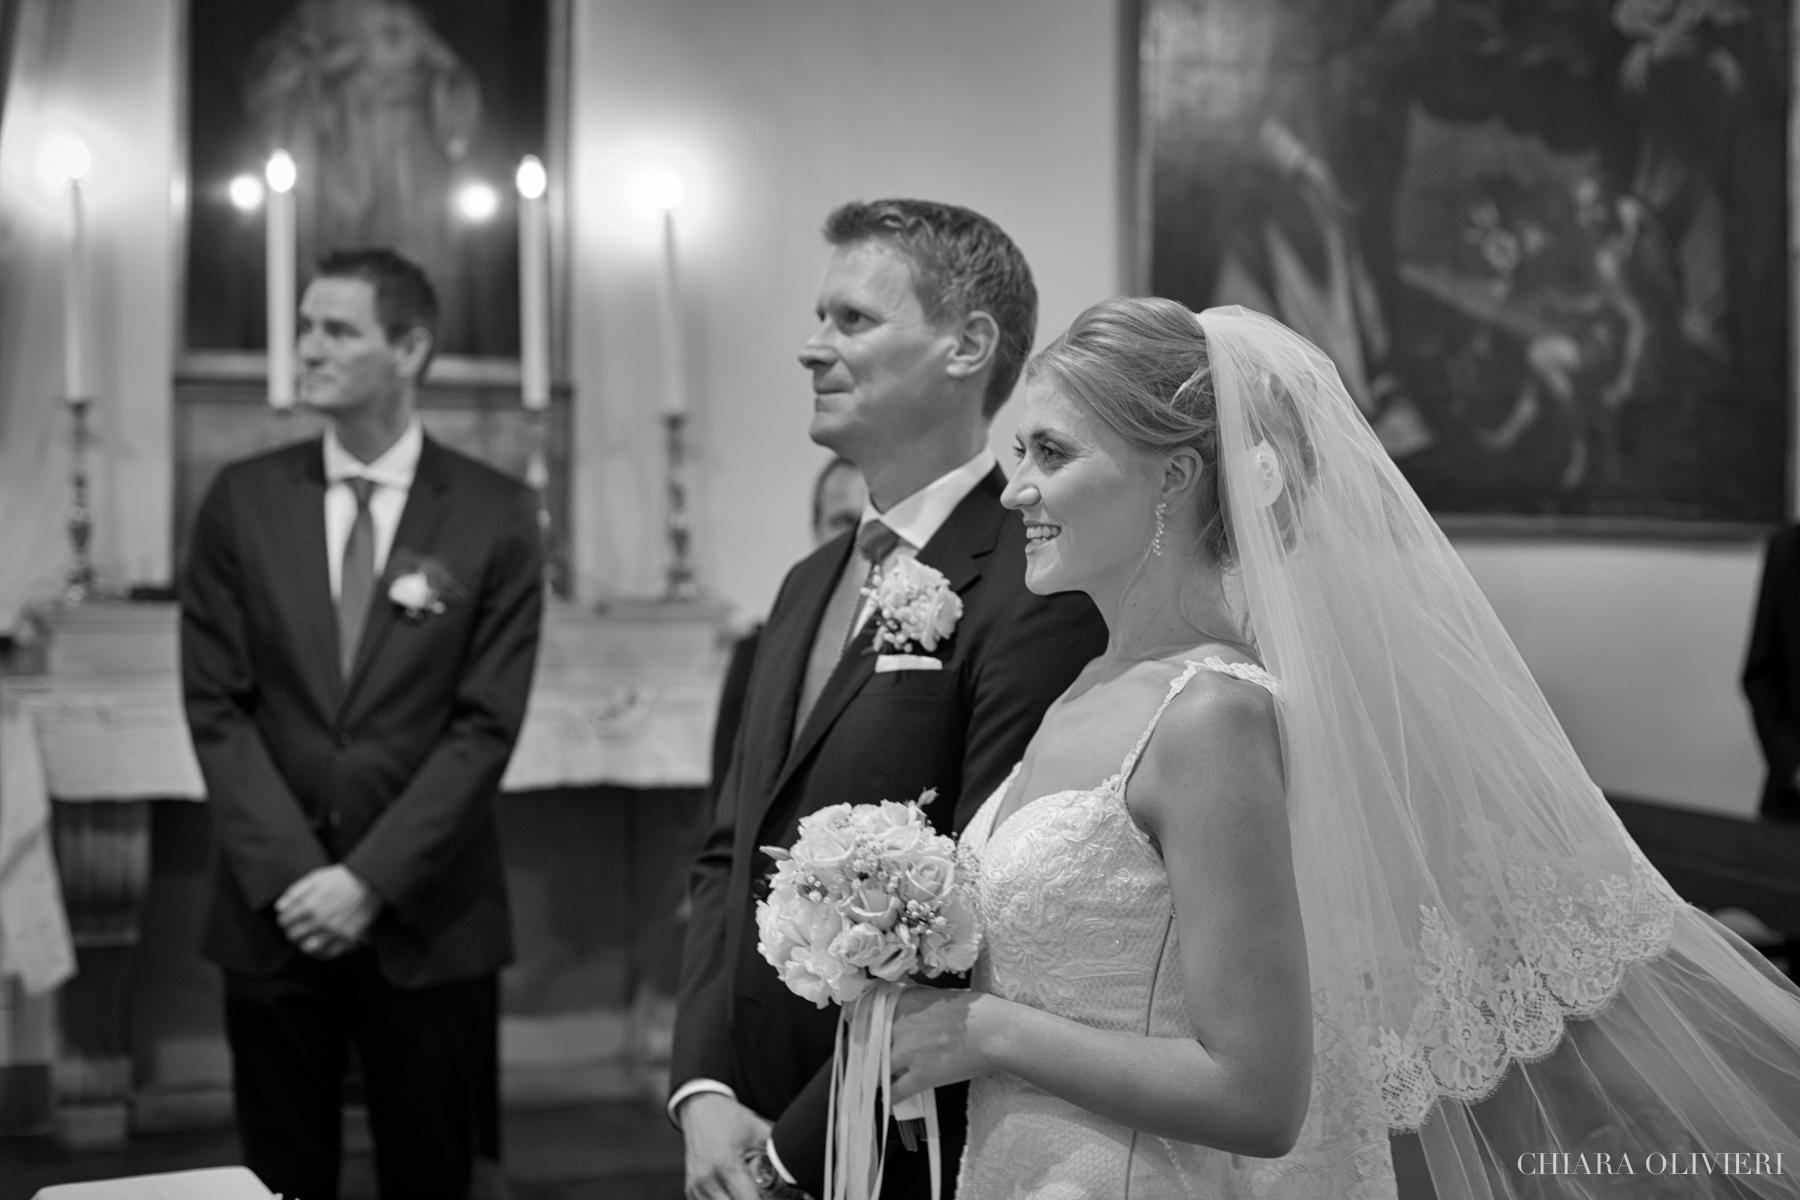 matrimonio-toscana-torredeilari-firenze-18